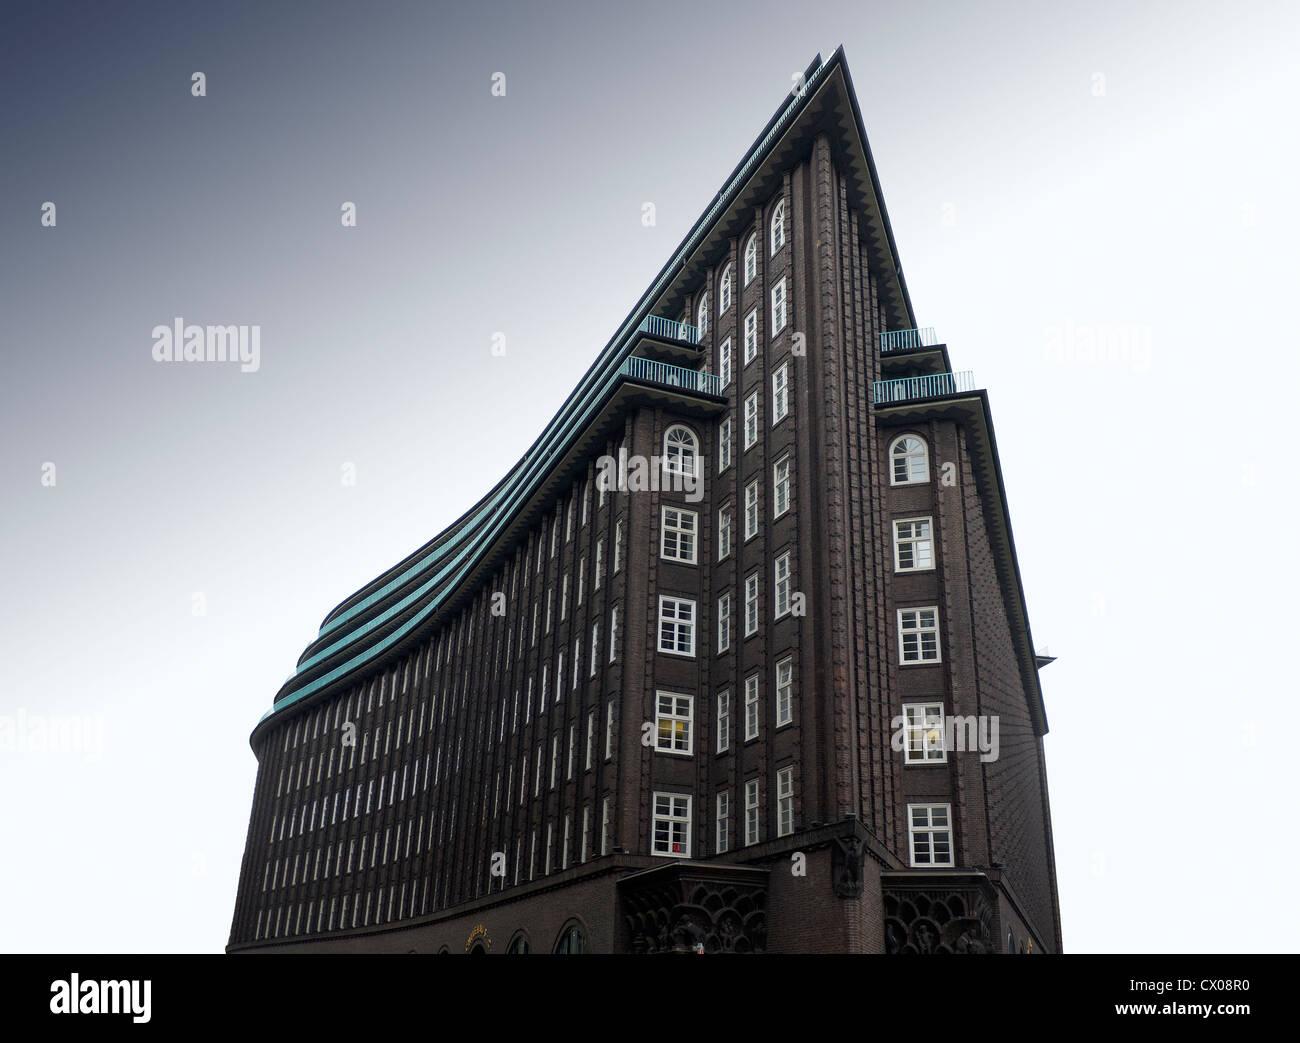 Expressionismus Architektur: Kontorhaus And Hamburg Stockfotos & Kontorhaus And Hamburg